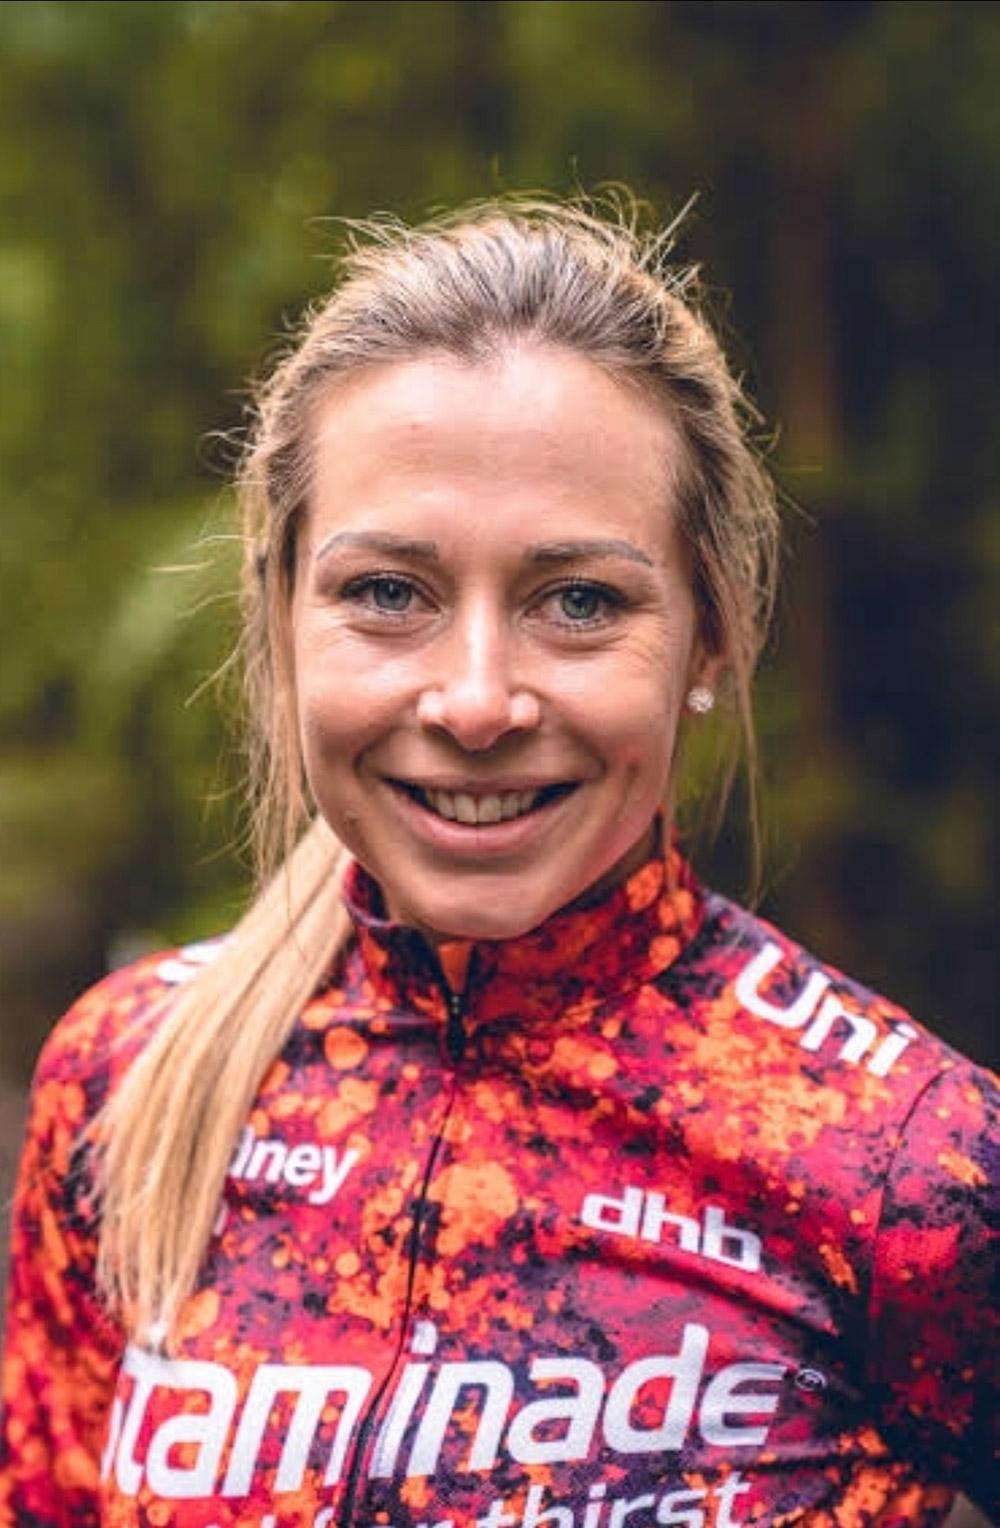 sydney uni - staminade cyclist nicole frain